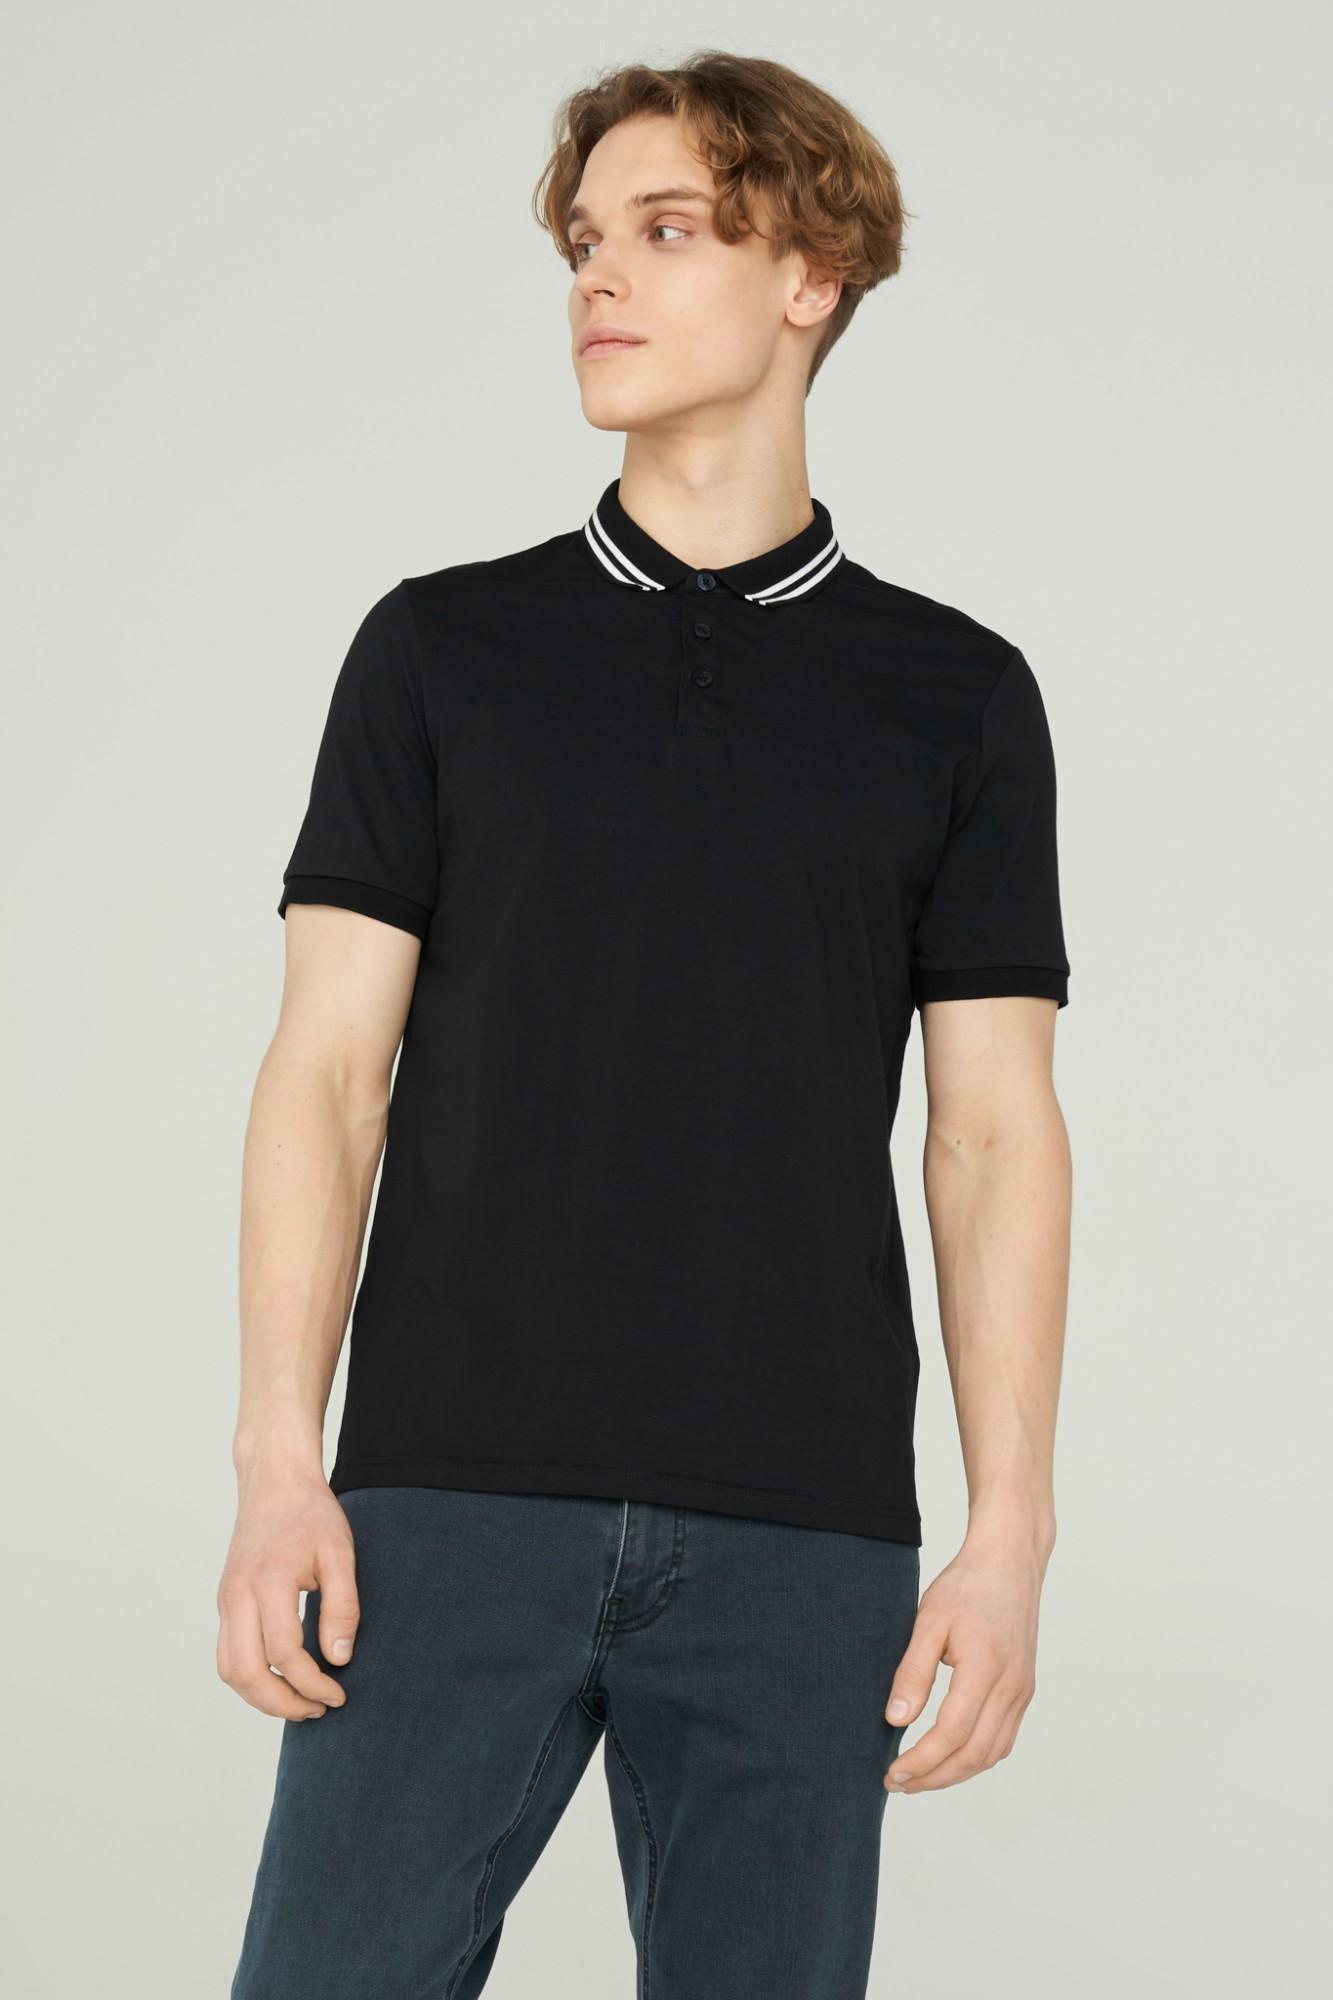 AUDIMAS Tamprūs medvil. polo marškinėliai 2111-479 Black M